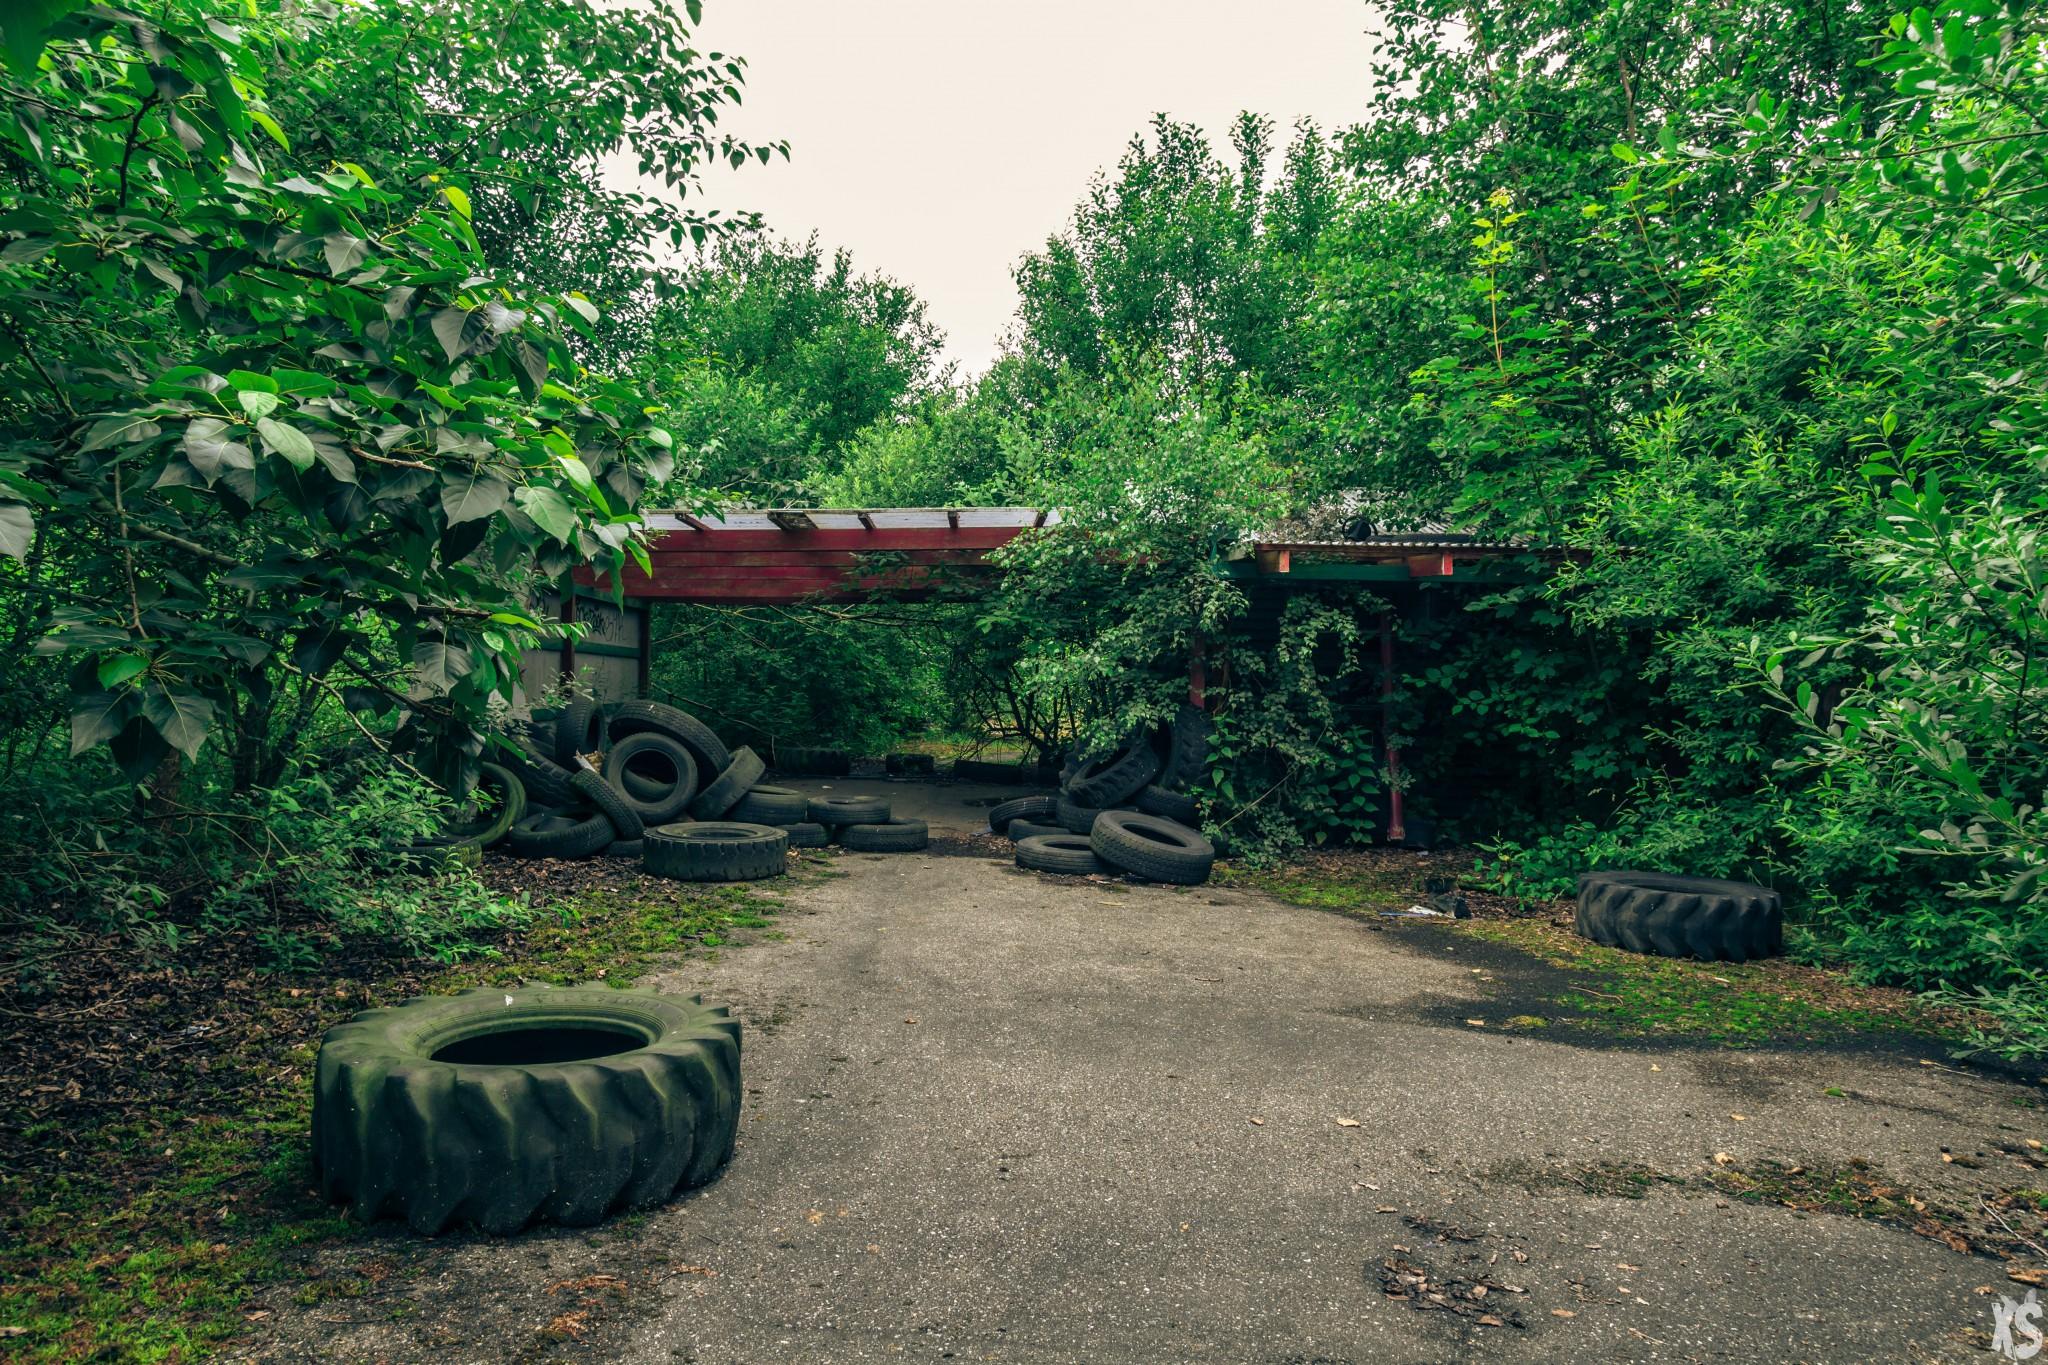 parc-aquatique-wayne-lo-26